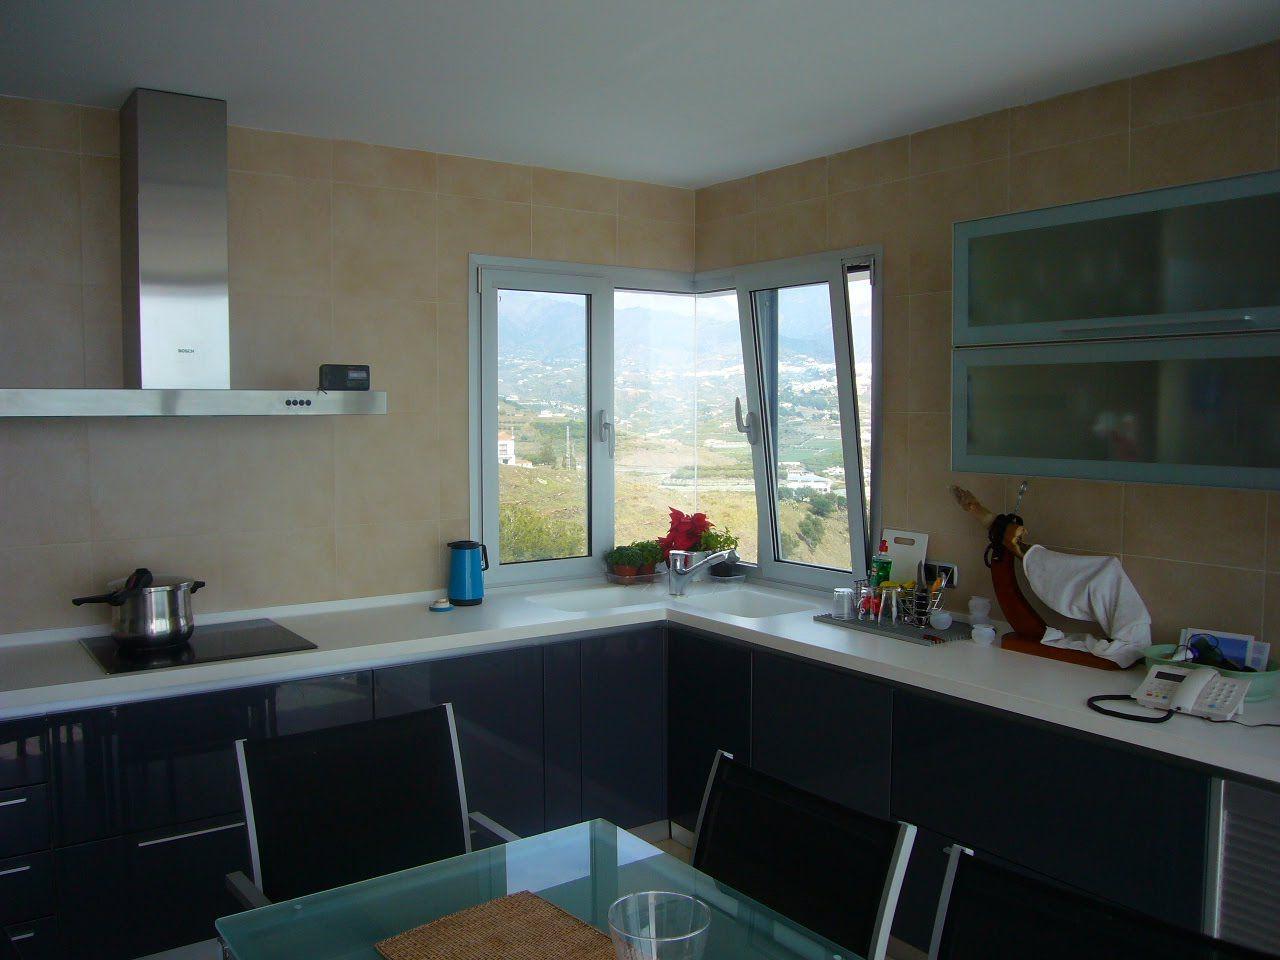 ventanas esquineros | Vista de la mencionada ventana dese el ...